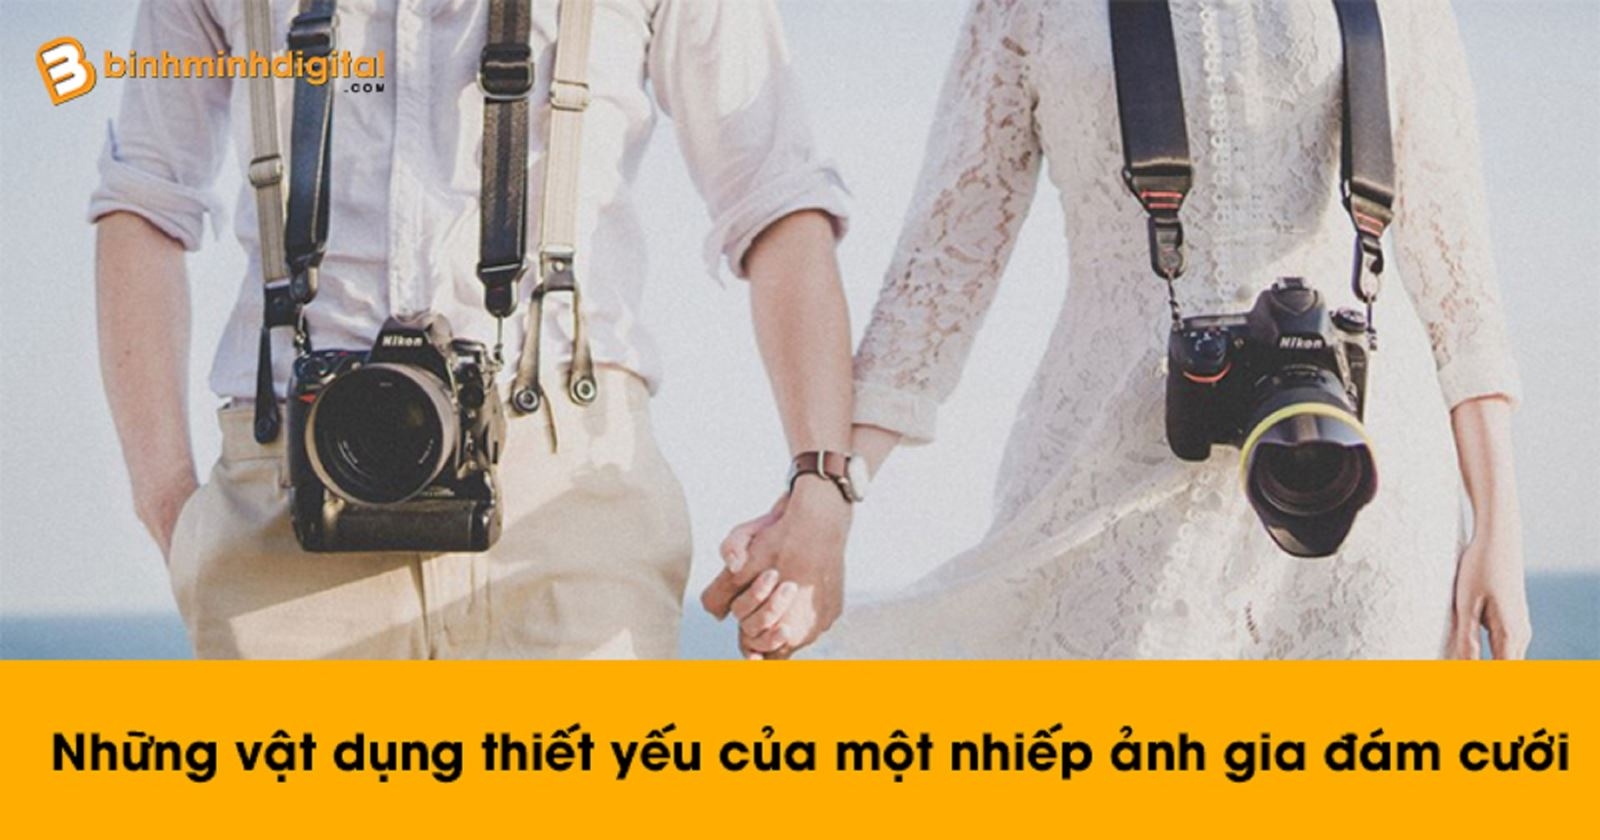 Những vật dụng thiết yếu của một nhiếp ảnh gia đám cưới